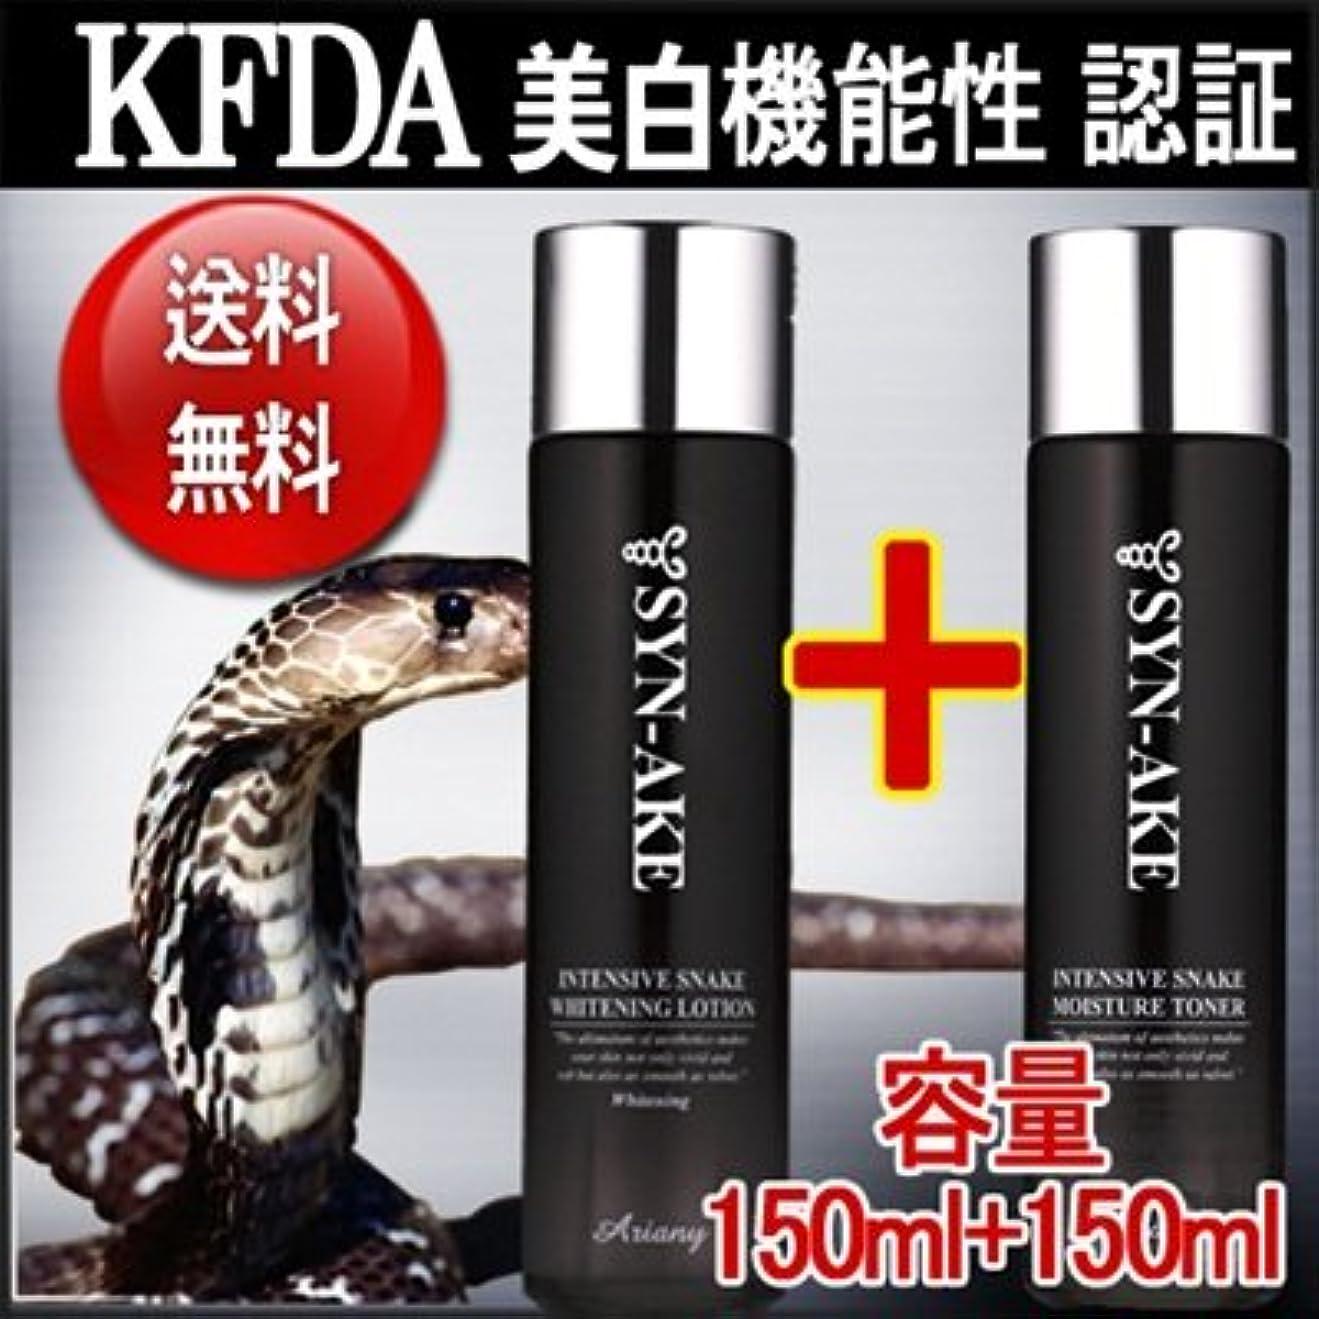 デジタル誠意遮る韓国アリアー二 (Ariany) 蛇毒/ 毒蛇化粧水&乳液2種セット